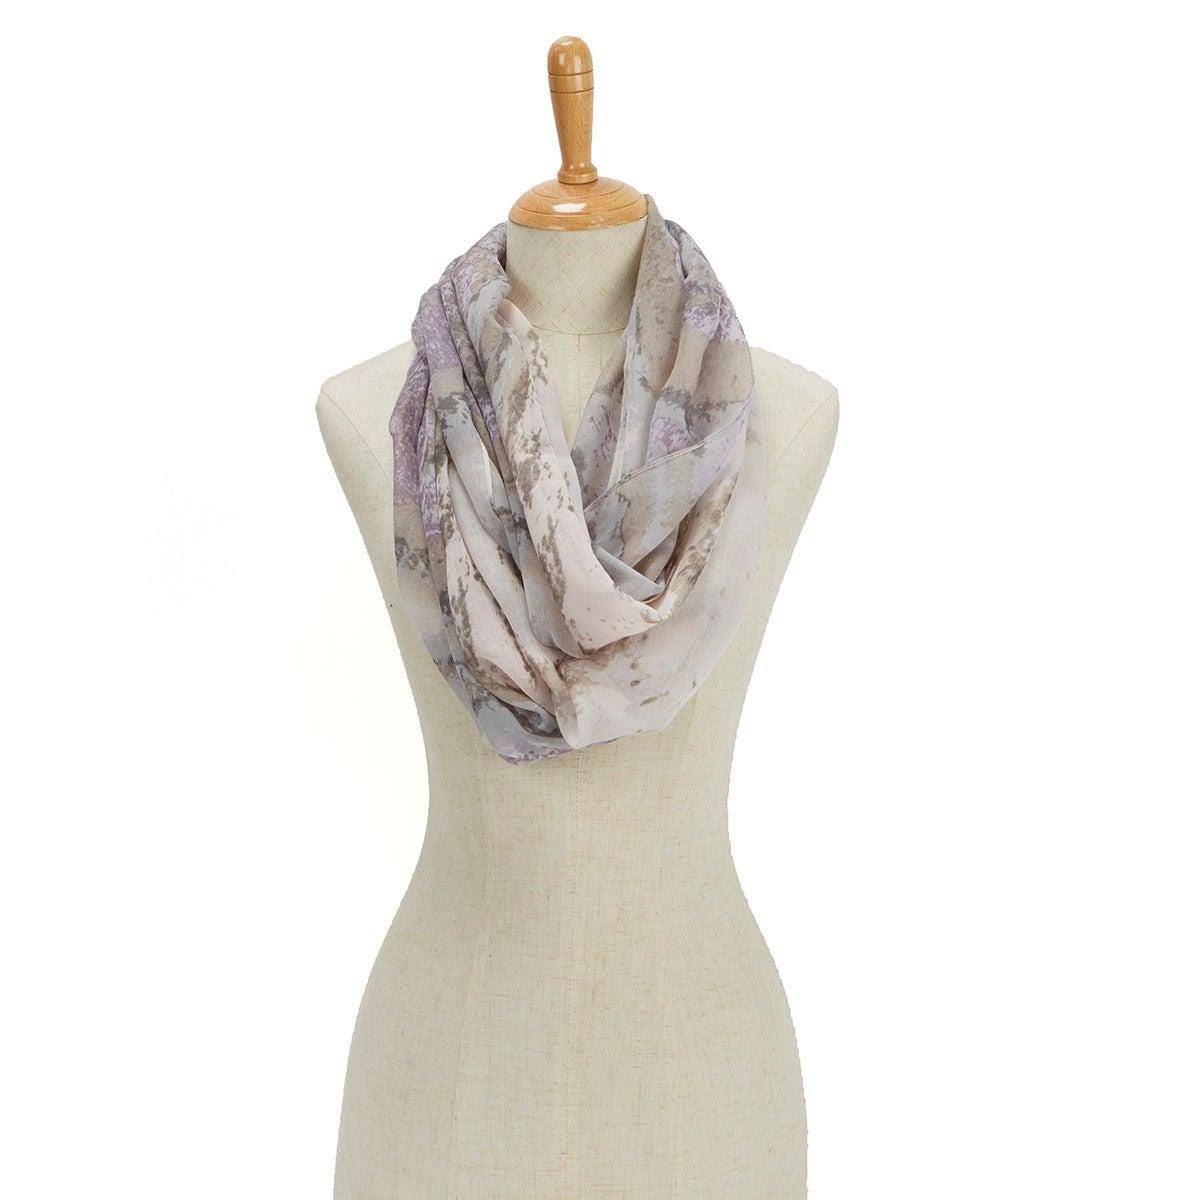 Lds ParadiseLost TropStormLoop tpe scarf